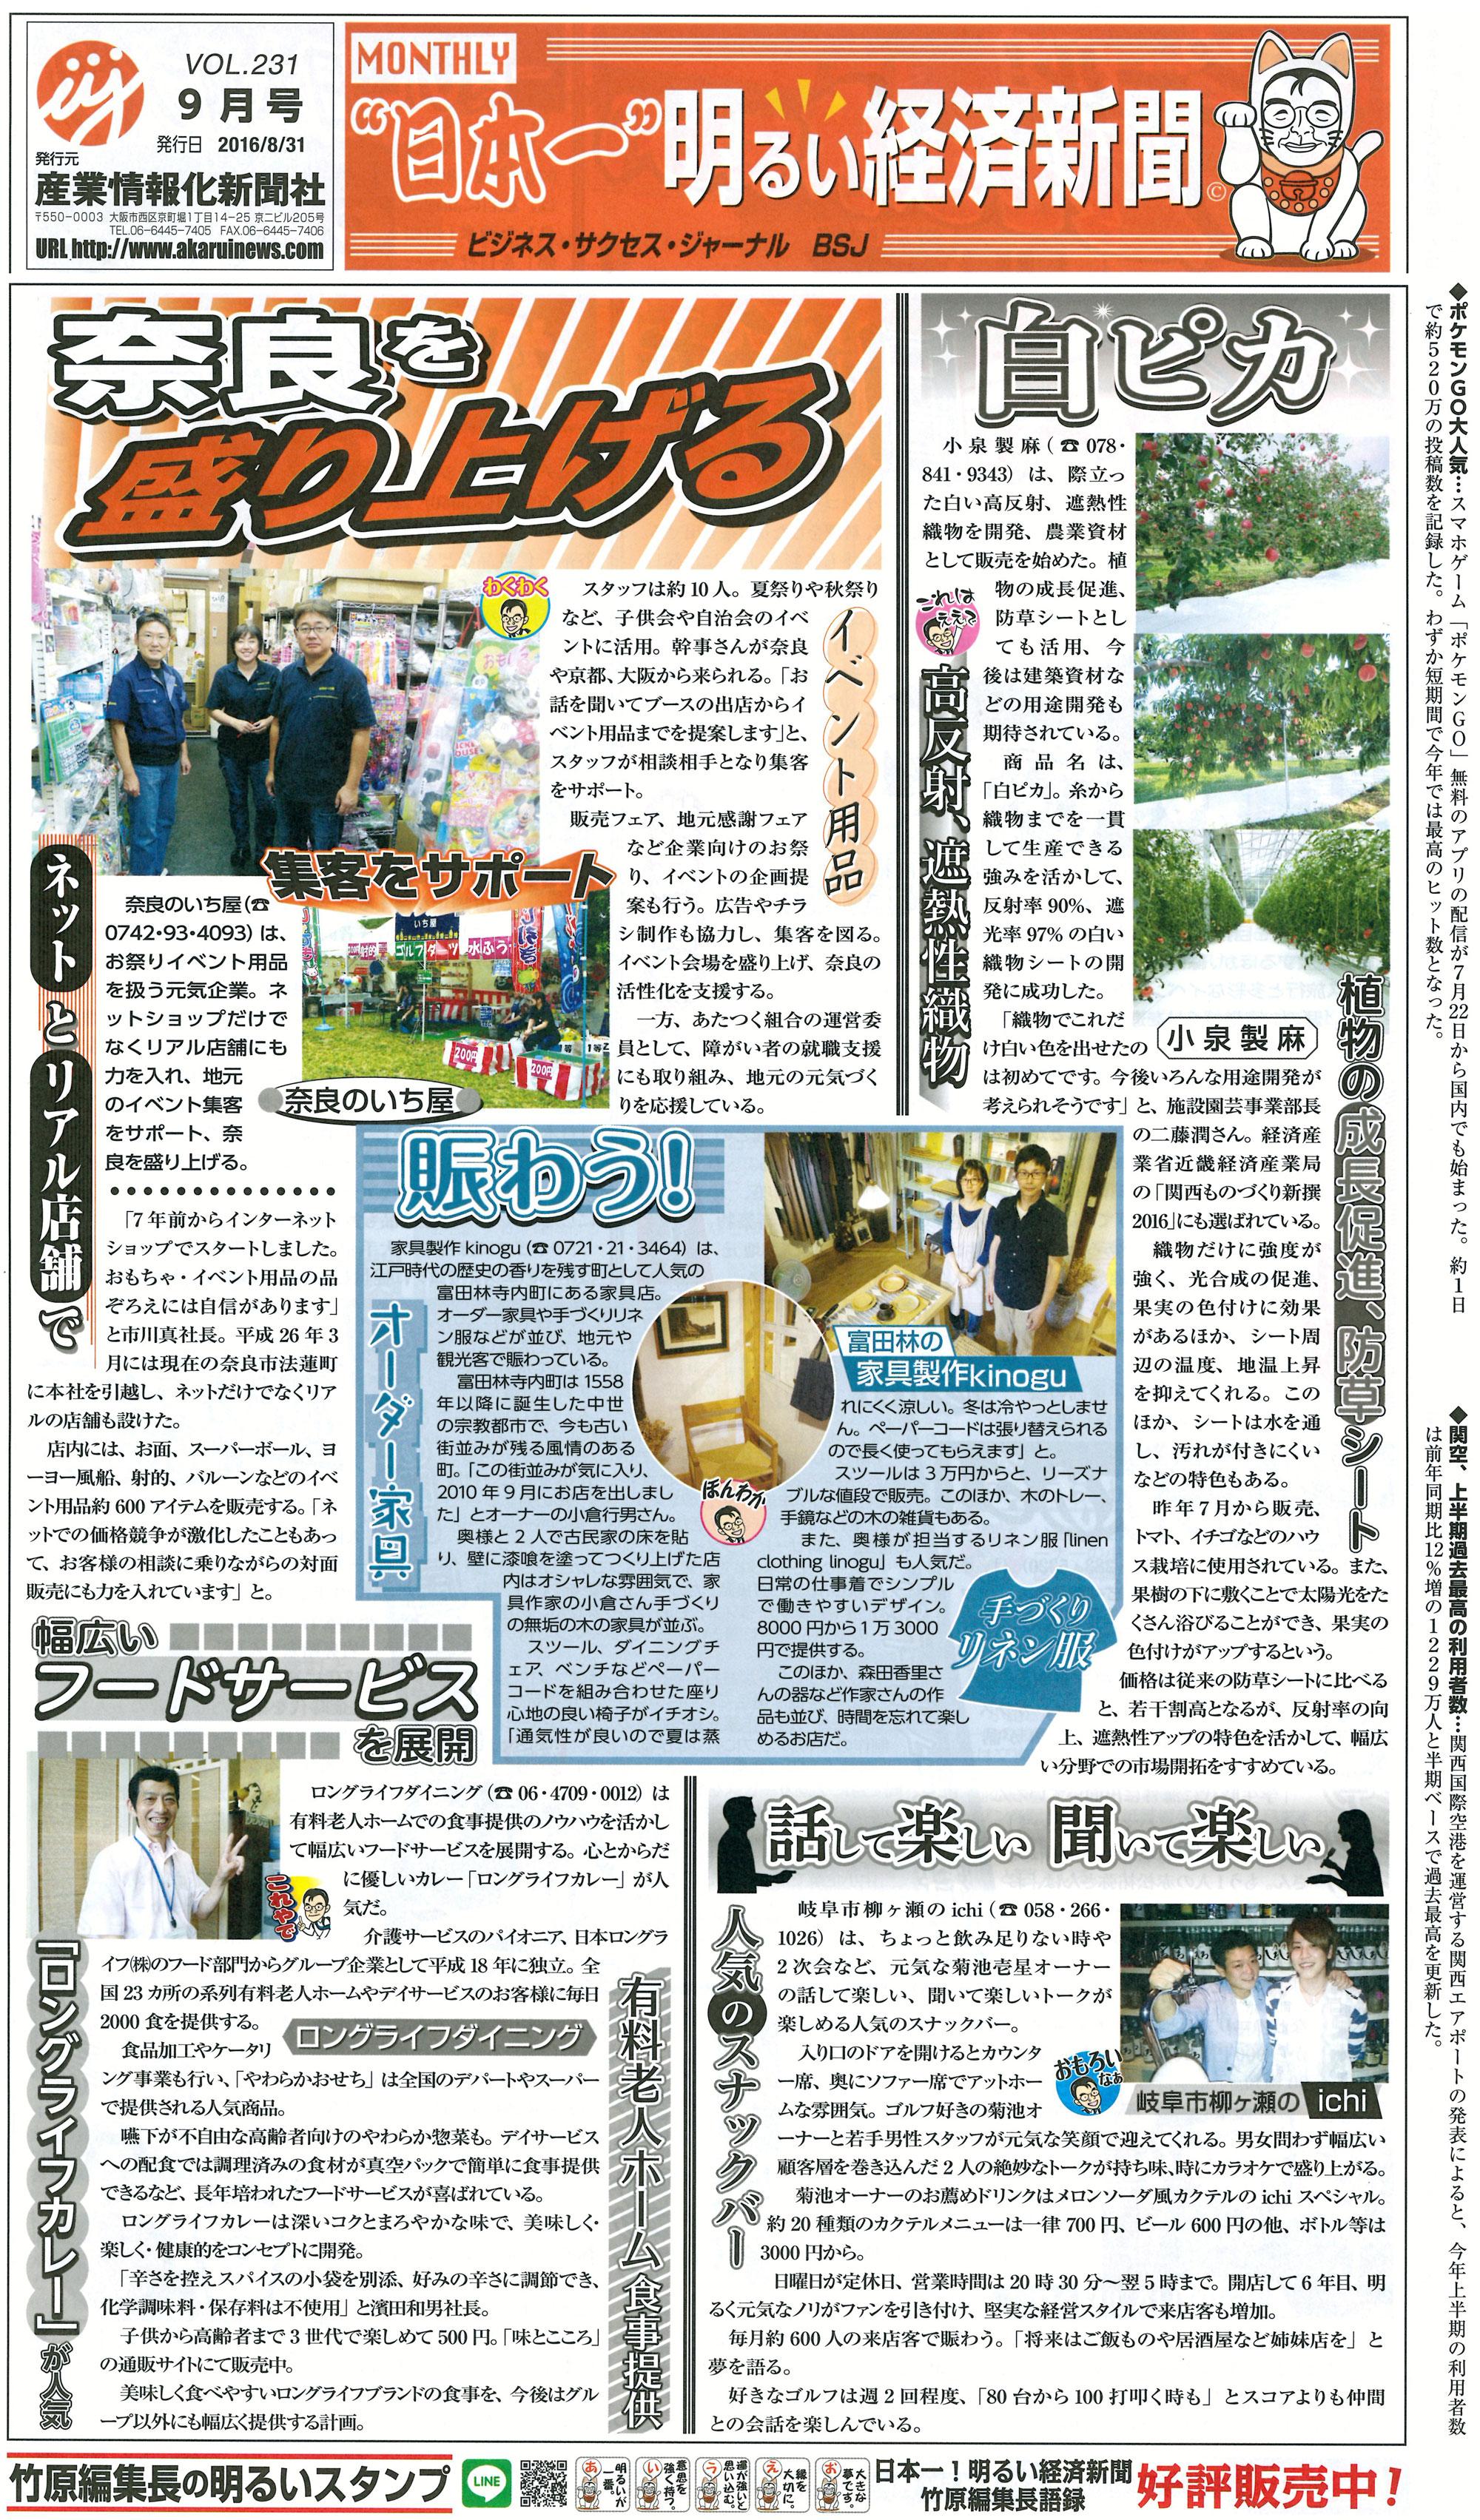 日本一明るい経済新聞 2016年9月号